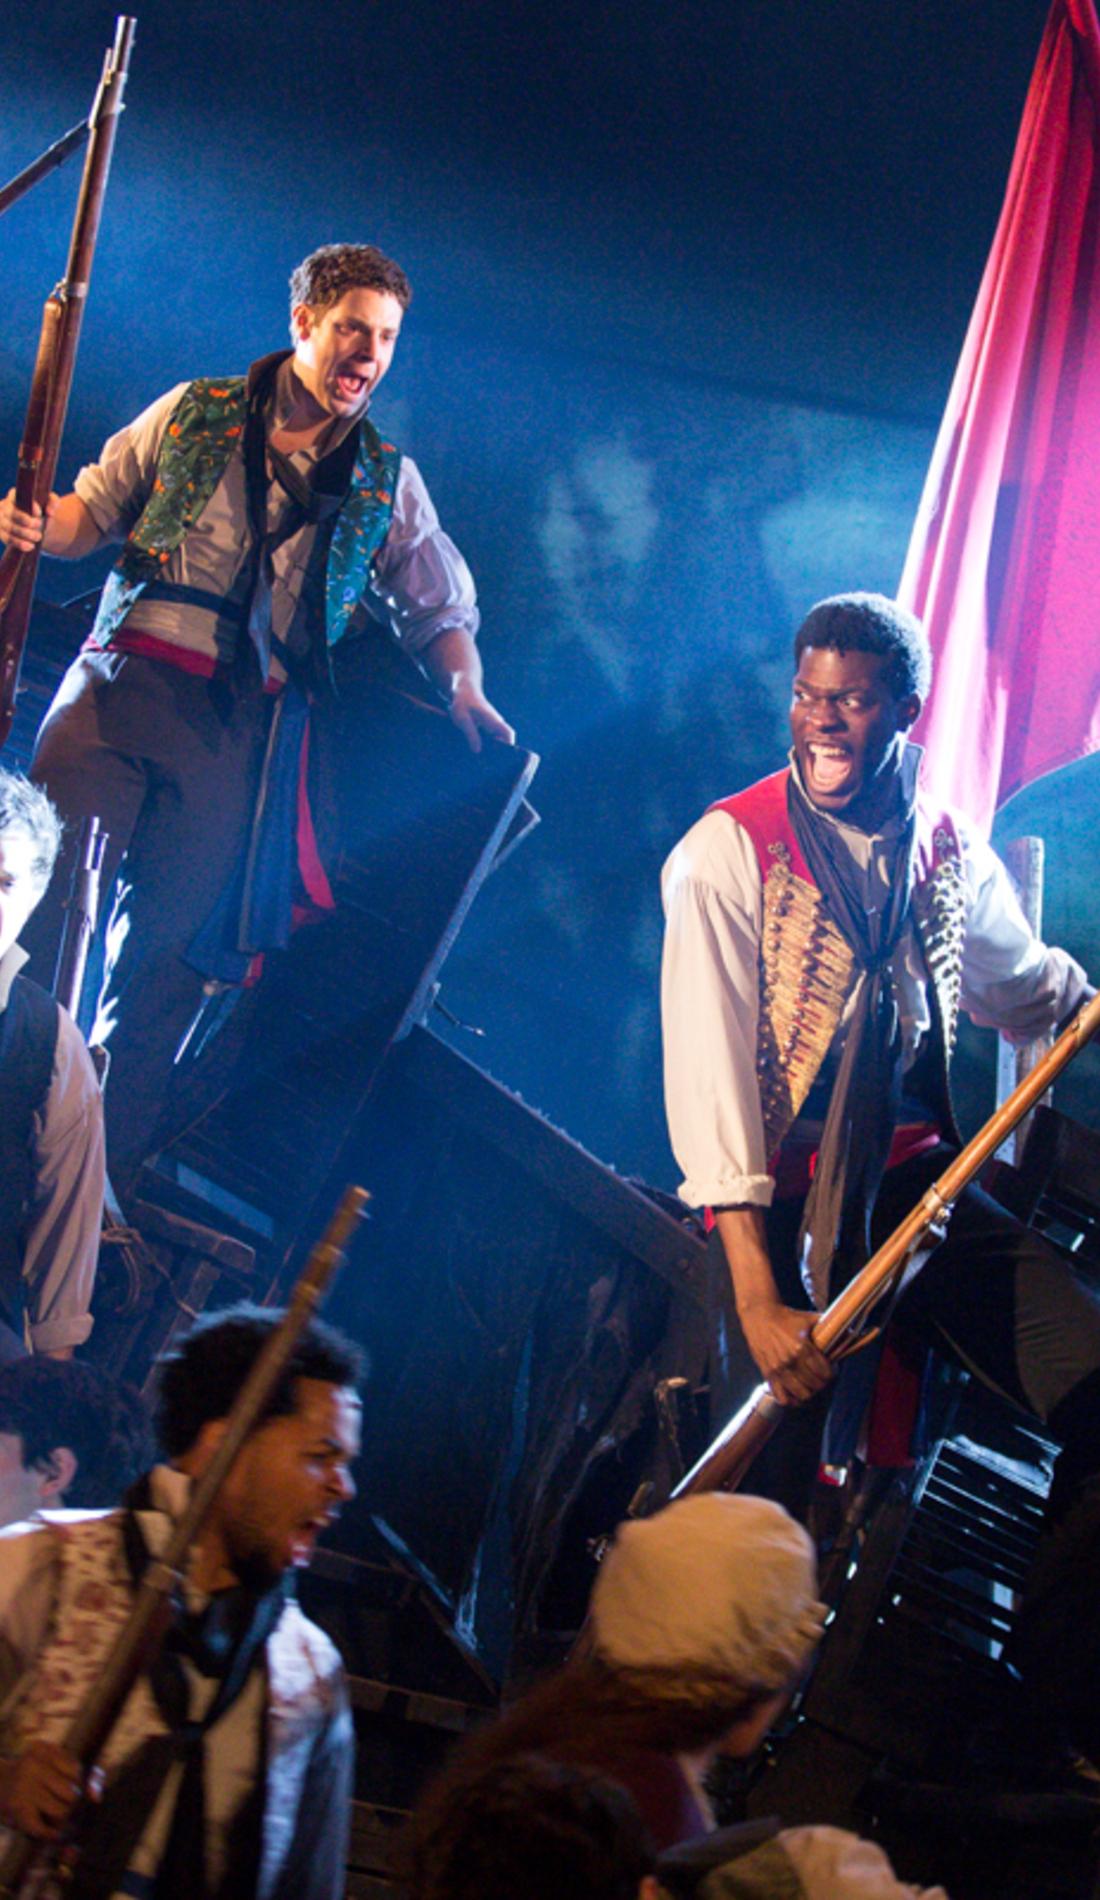 A Les Miserables live event